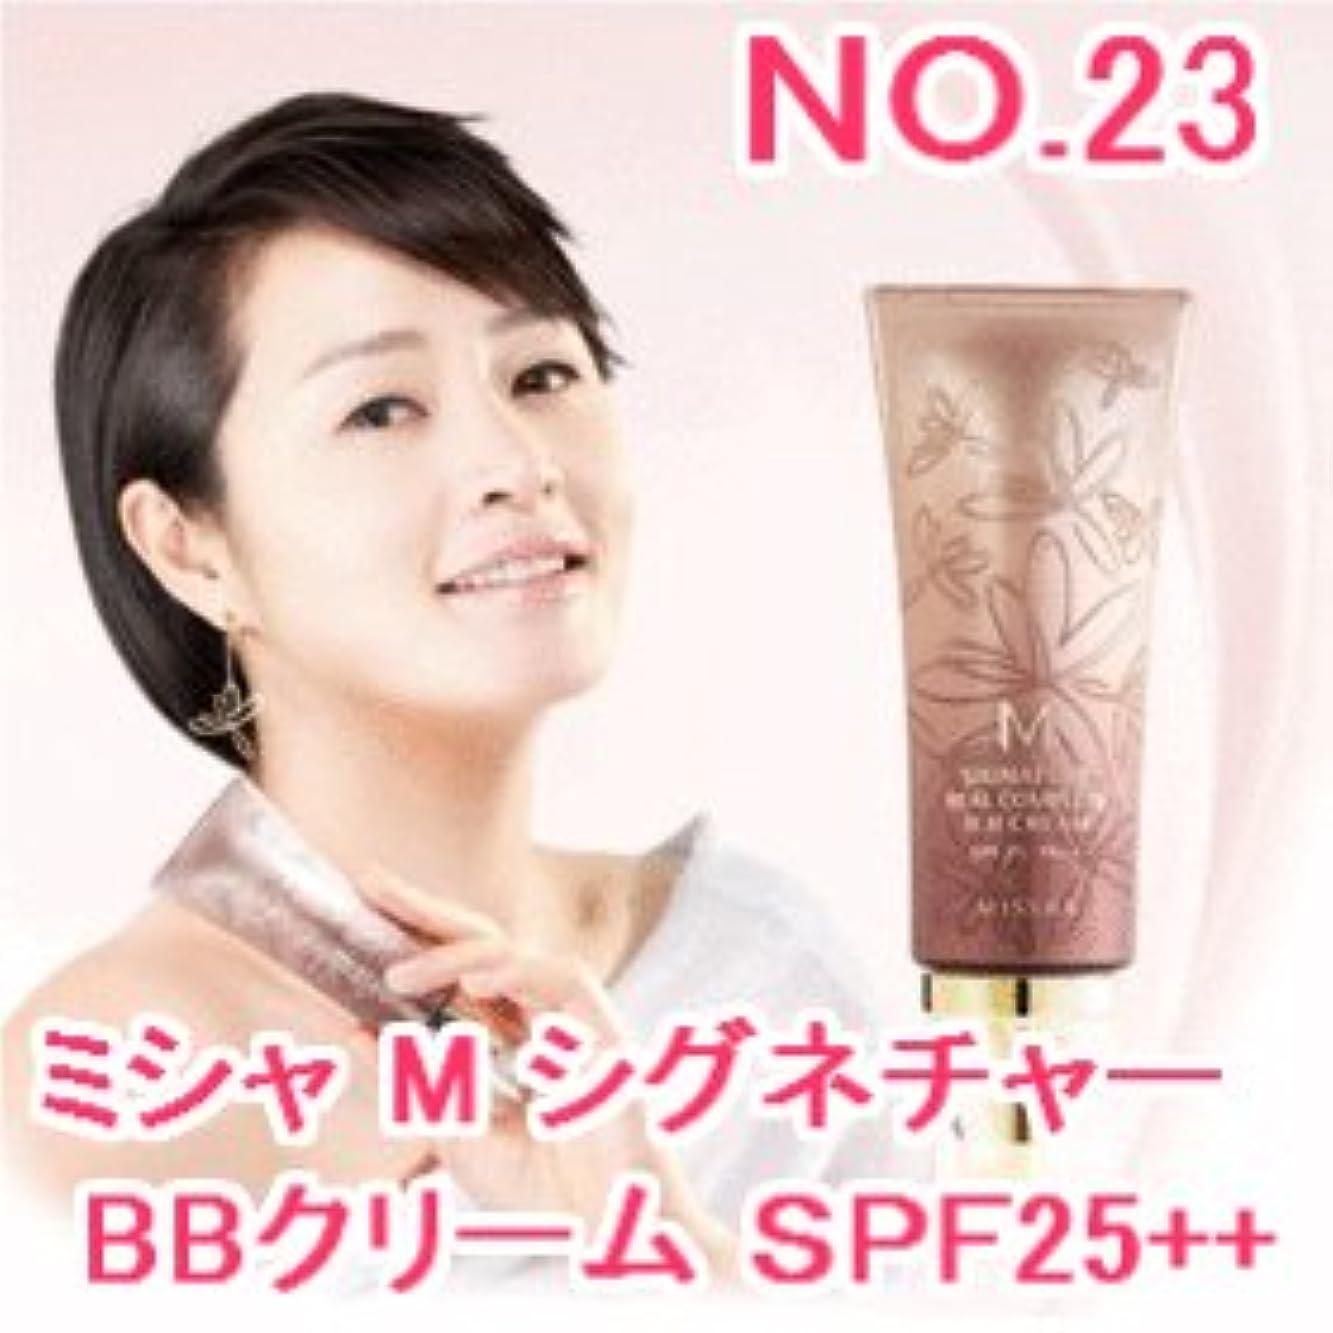 ねばねば噛む奴隷NO.23 ミシャ M シグネチャー リアルコンプリート BBクリーム SPF25 PA++